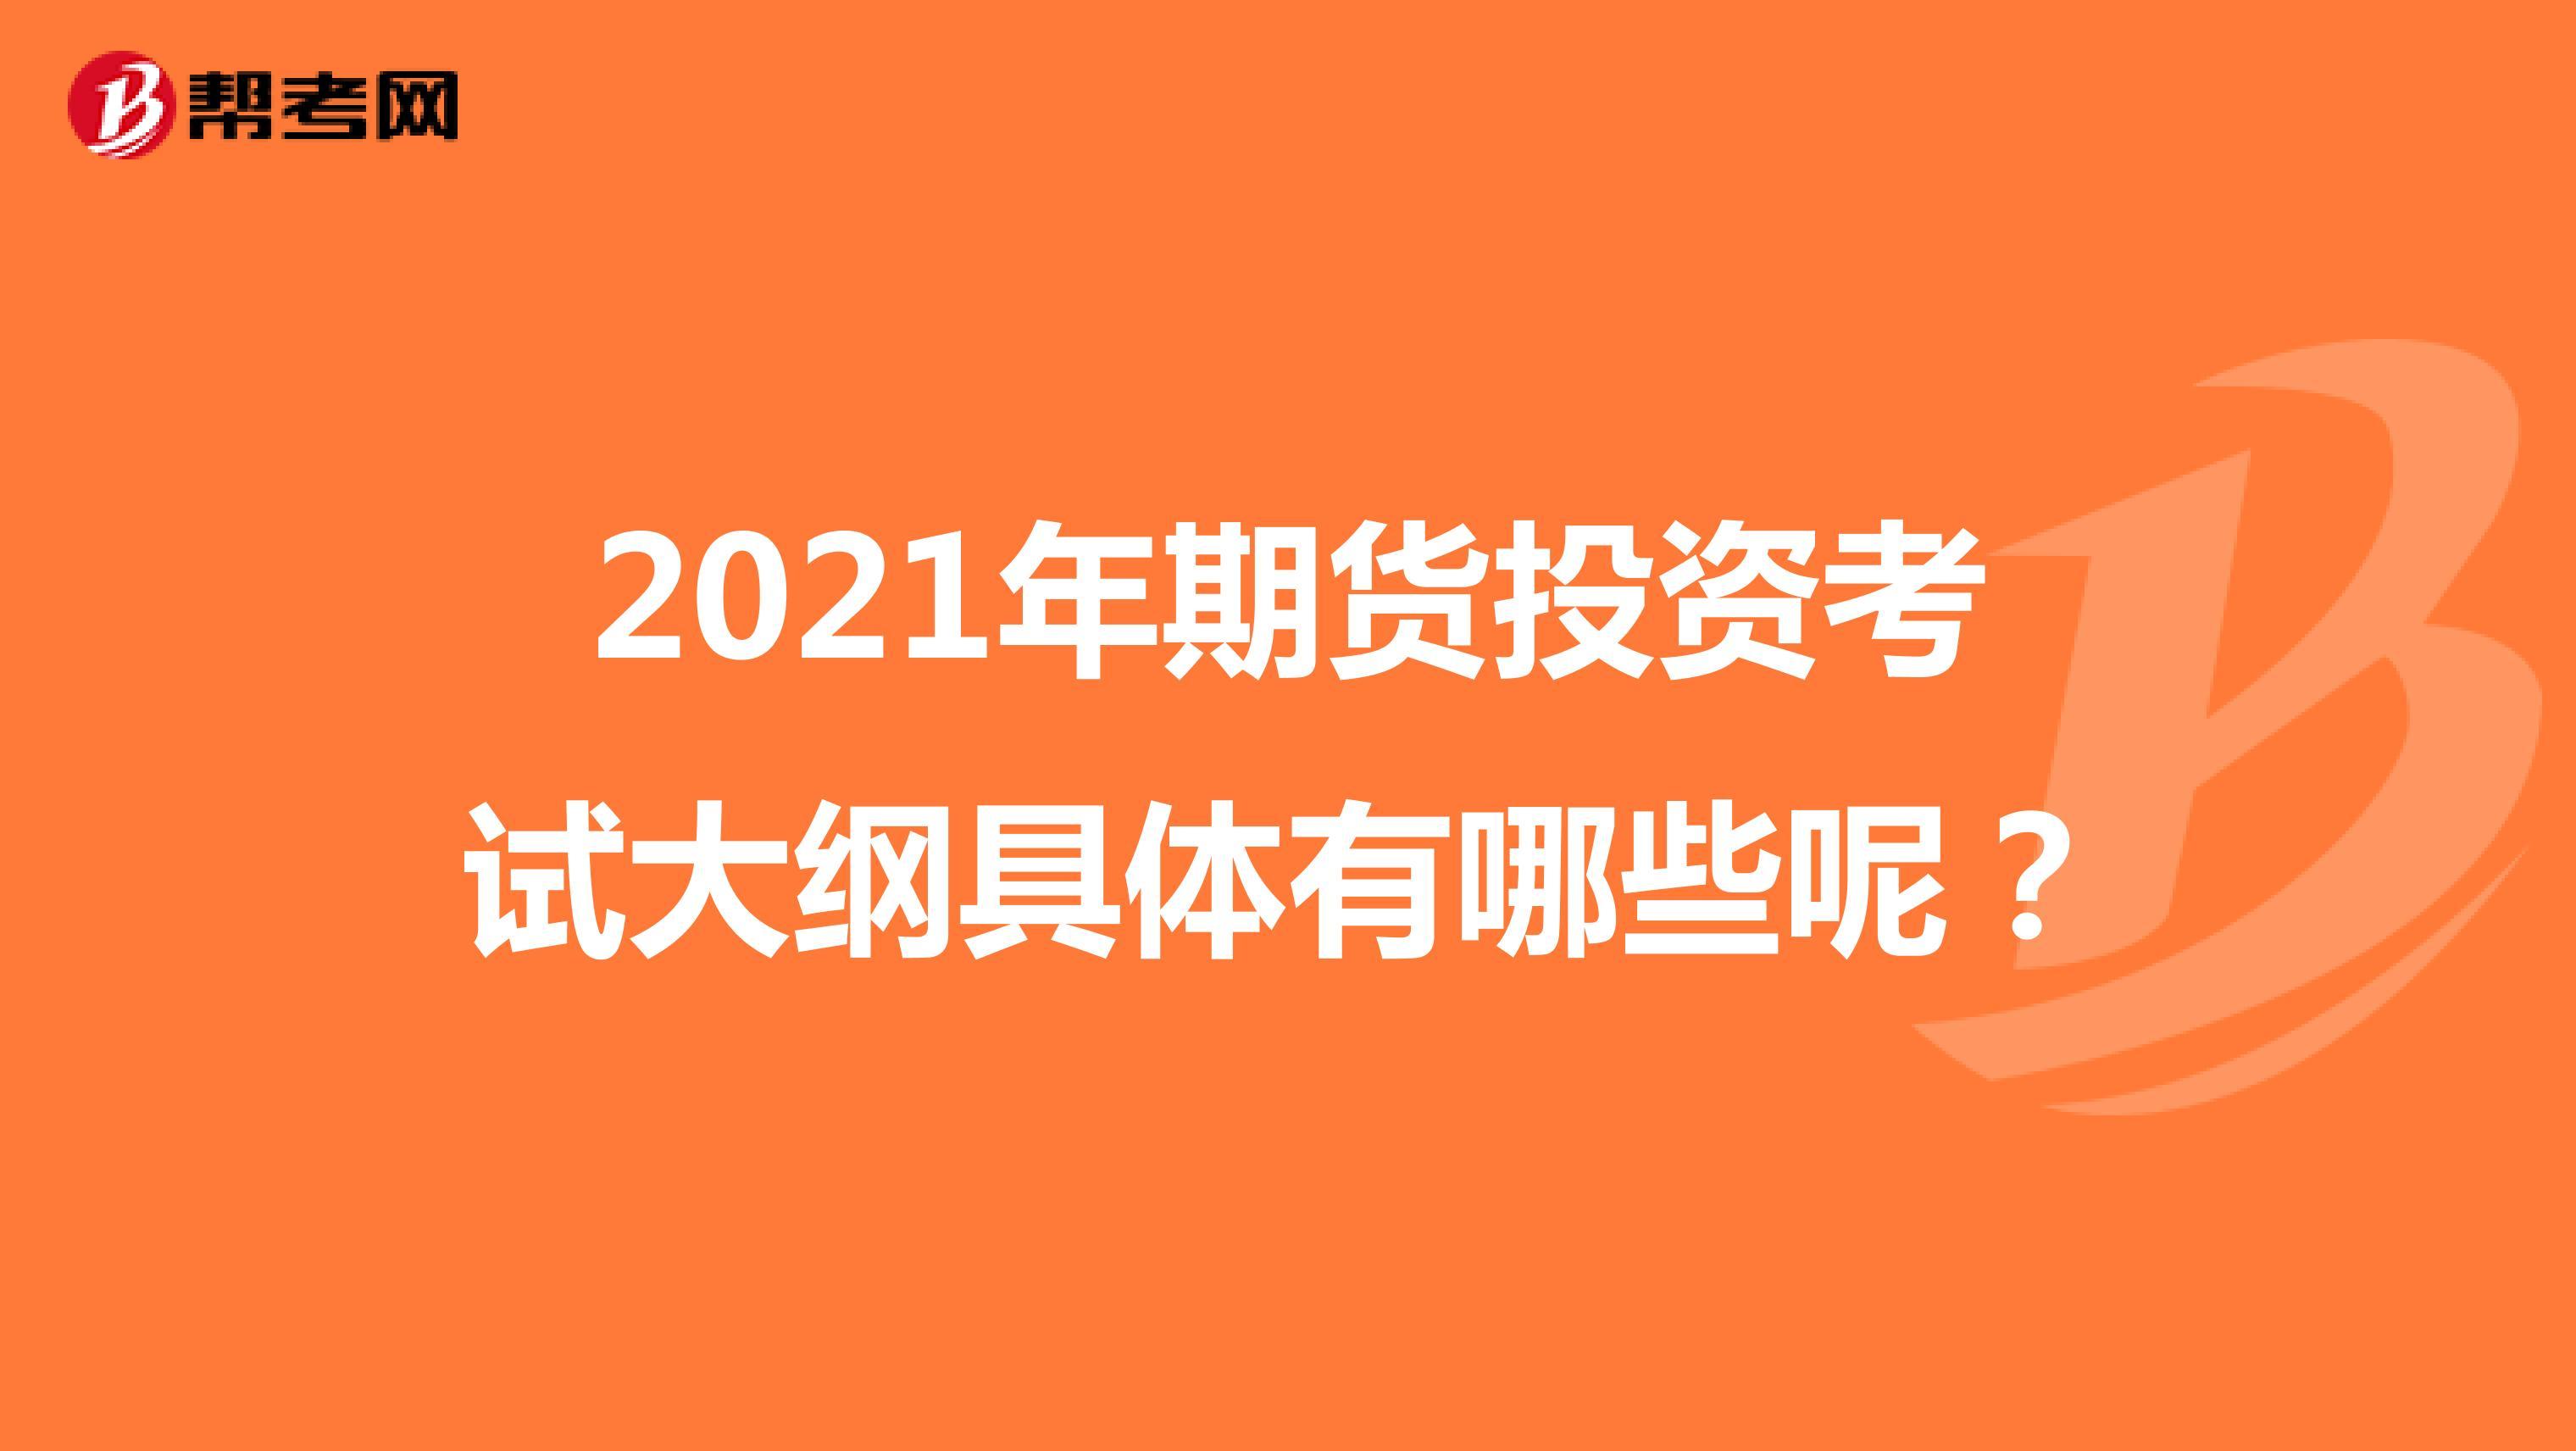 2021年期货投资考试大纲具体有哪些呢?